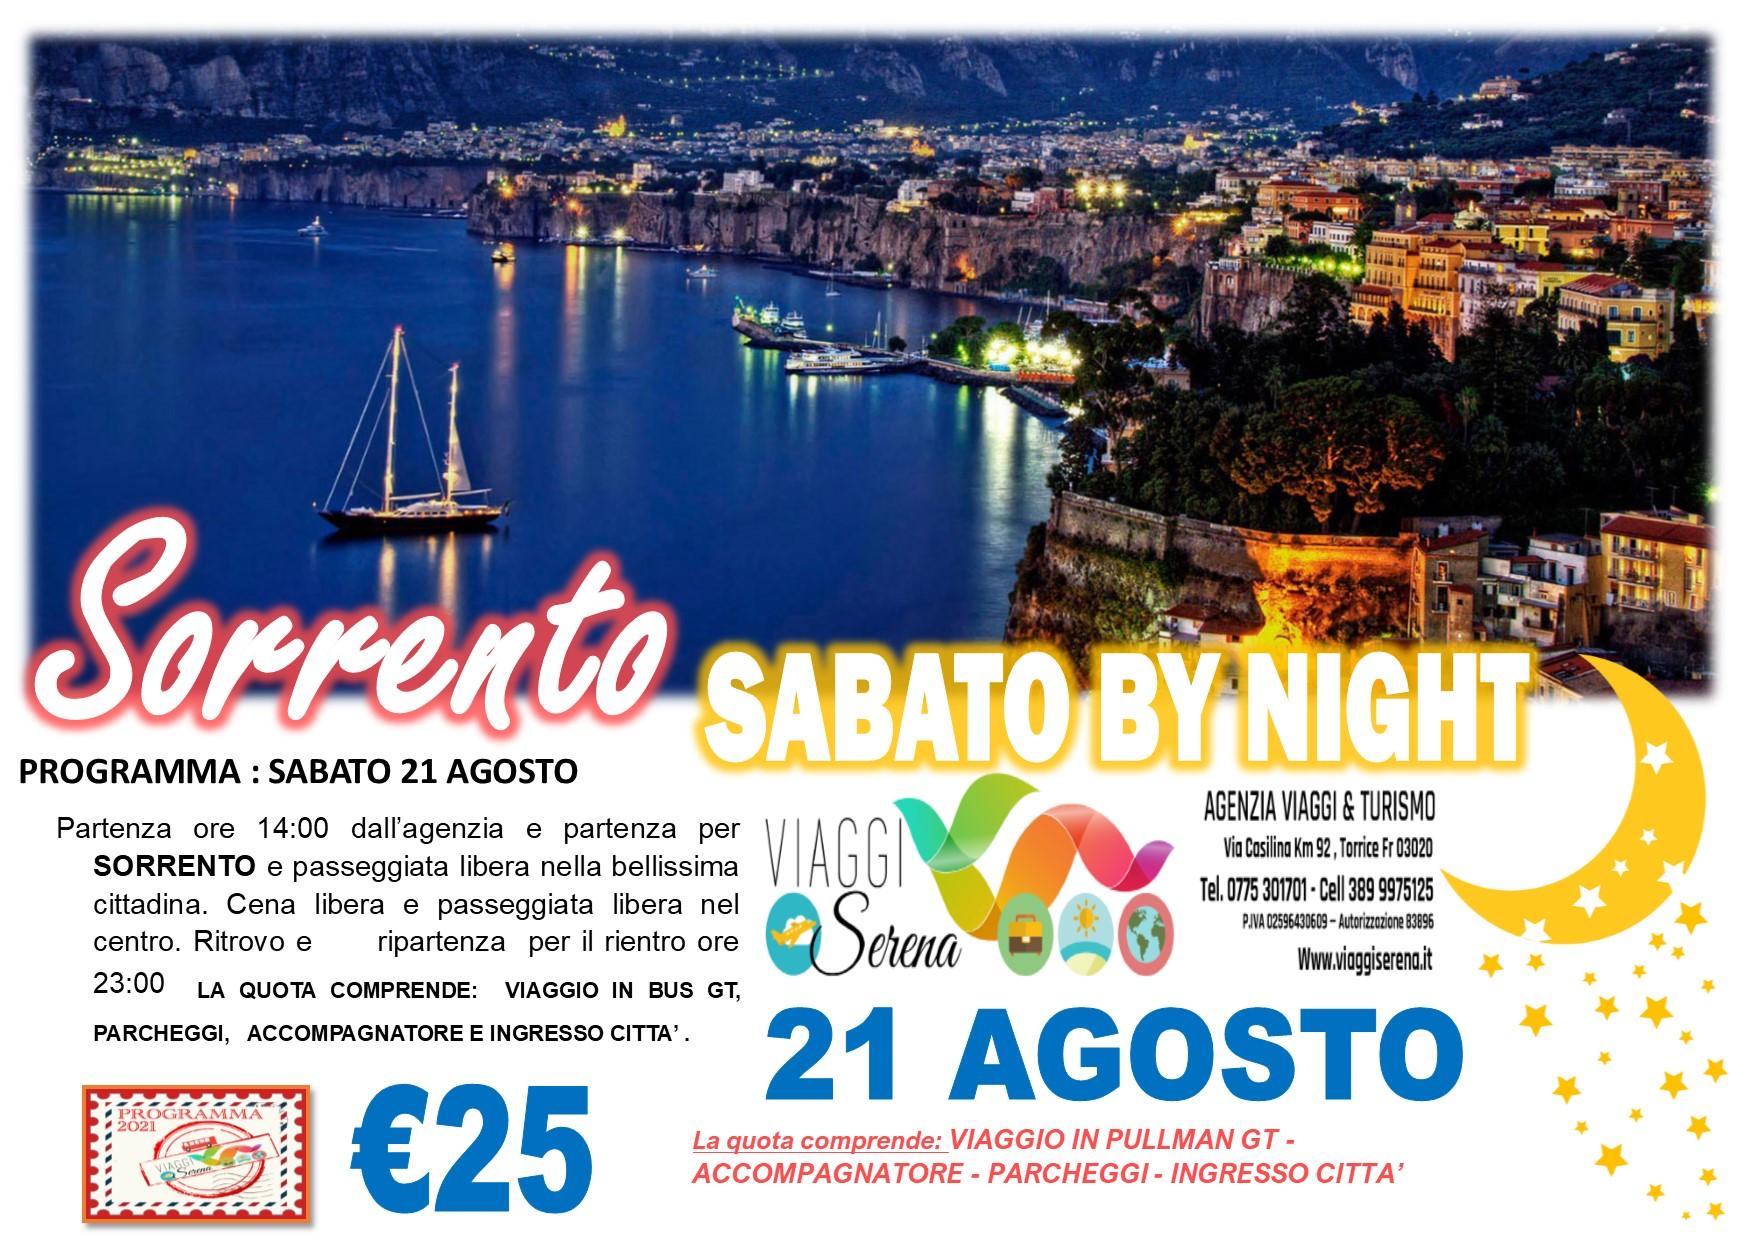 Viaggi di Gruppo: Sorrento by night sabato 21 Agosto € 25,00